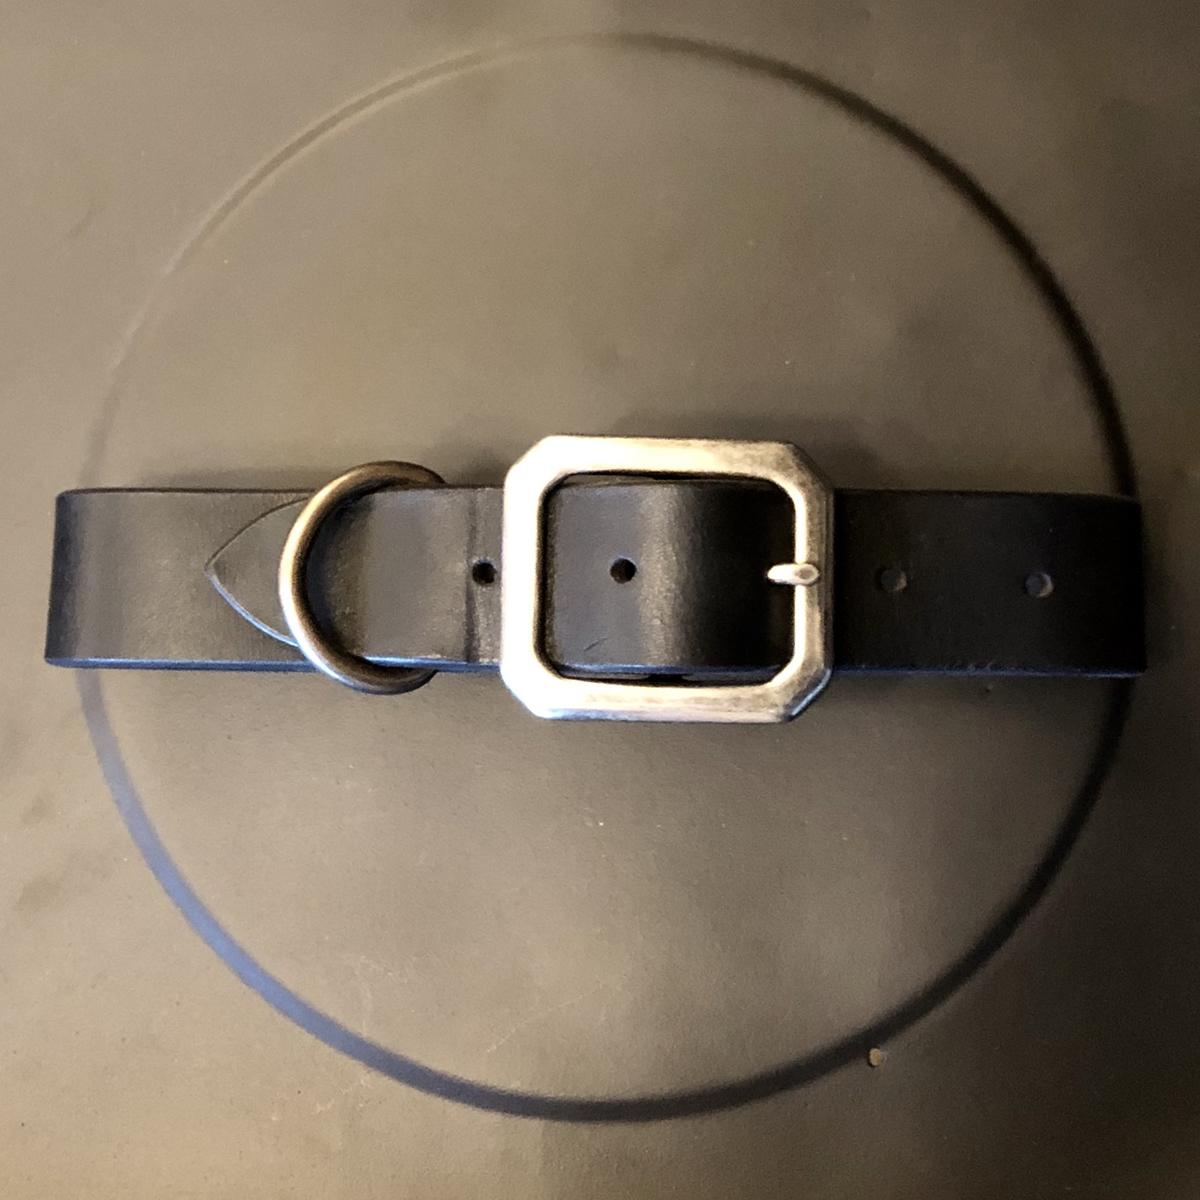 AIRMKT eCom PN XXXXXX Dean Accessories _collar black WEB